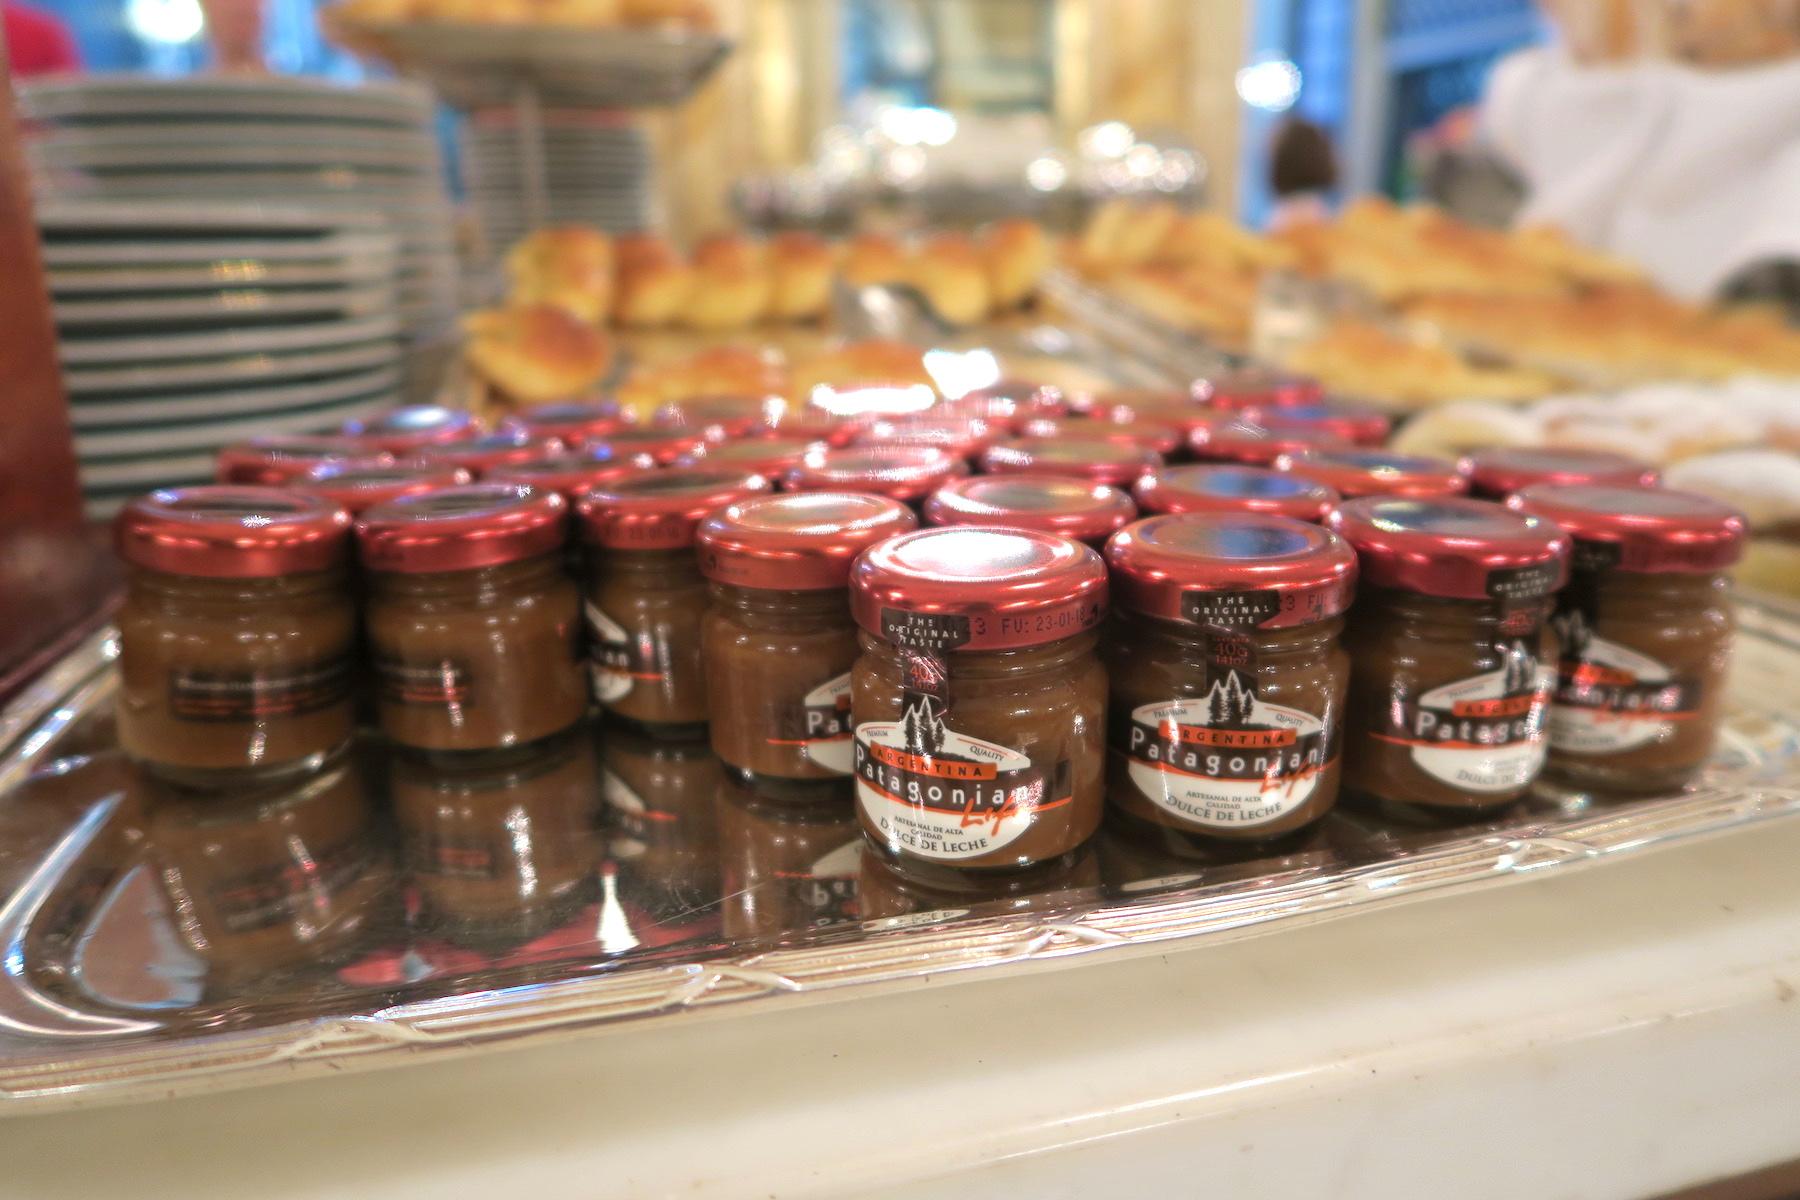 hotel-alvear-buenos-aires-blog-beta-pinheiro-doce-de-leite